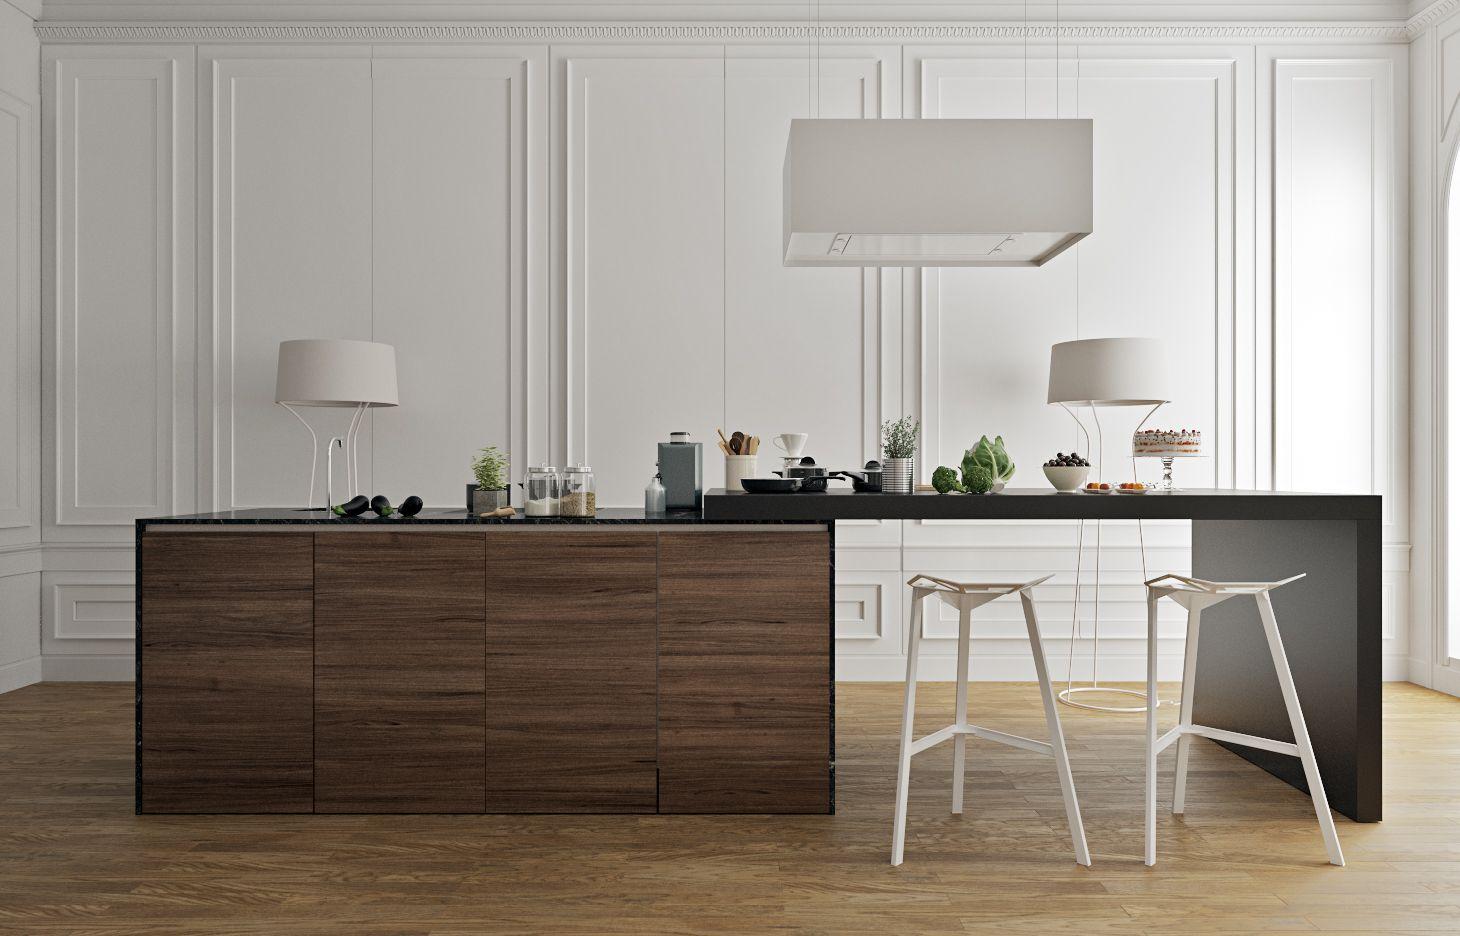 küche umplanen am images und aafdbb jpg